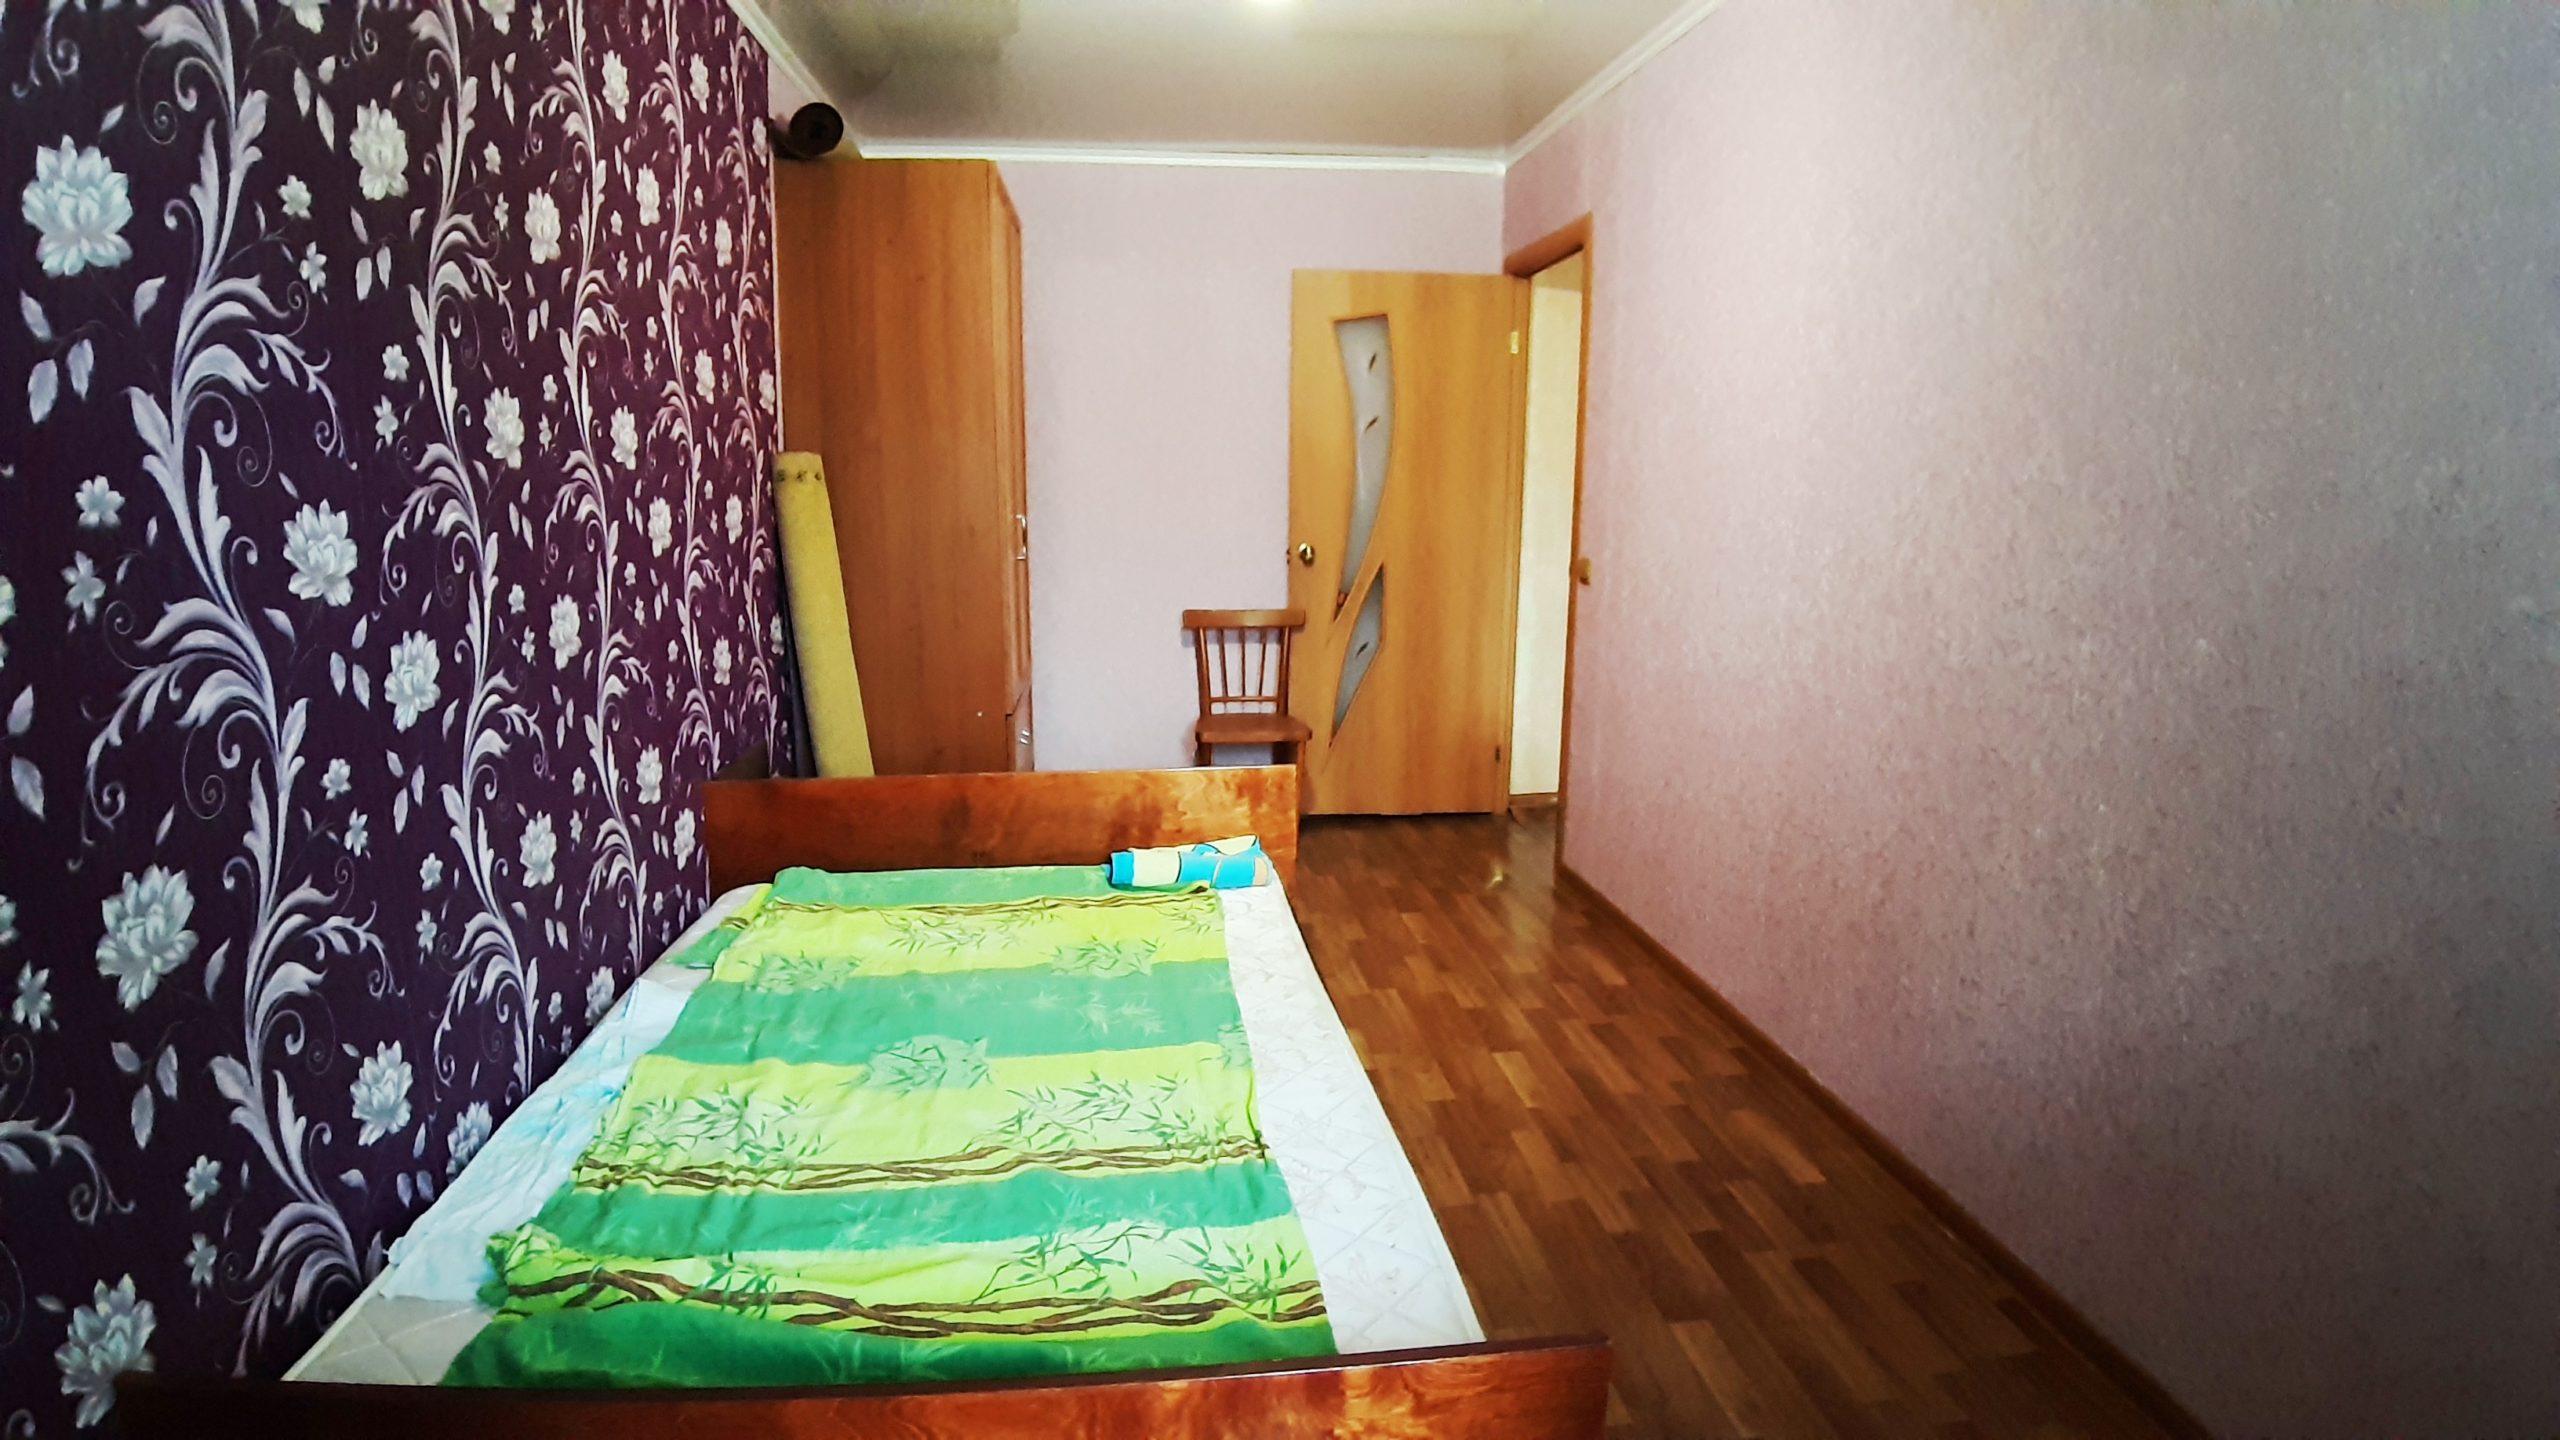 Комната квартира Пятовский Калуга Калужская область аренда или продажа